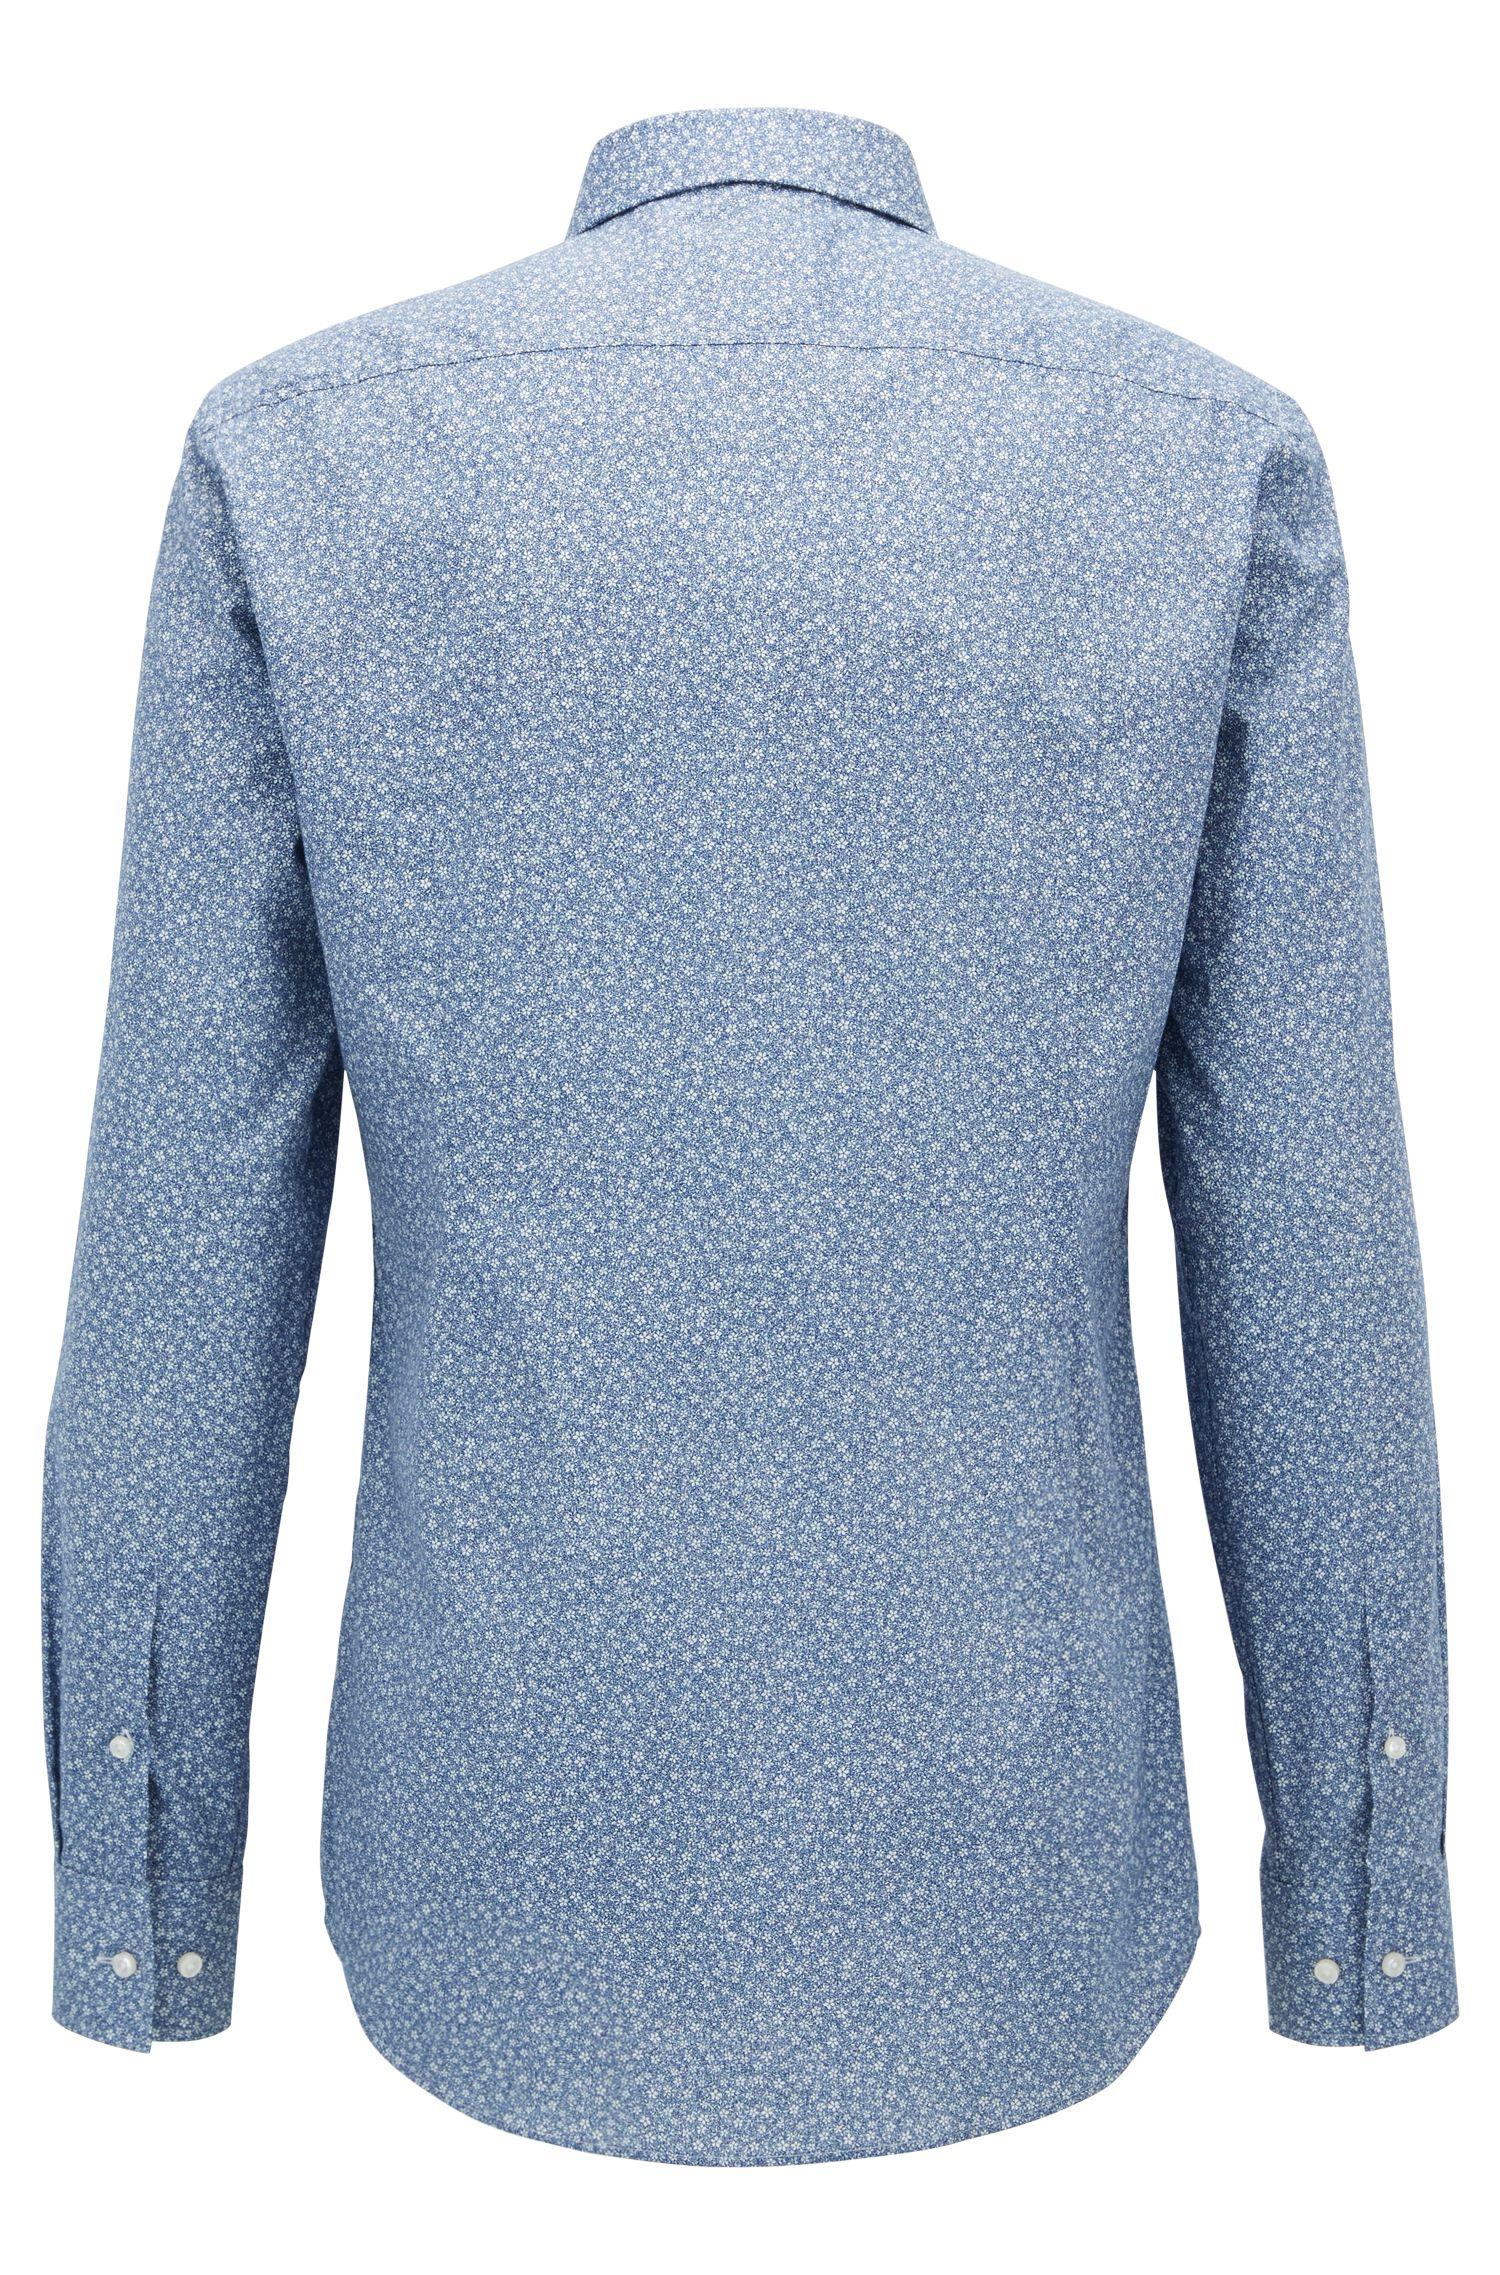 Camisa slim fit en algodón con estampado de flores